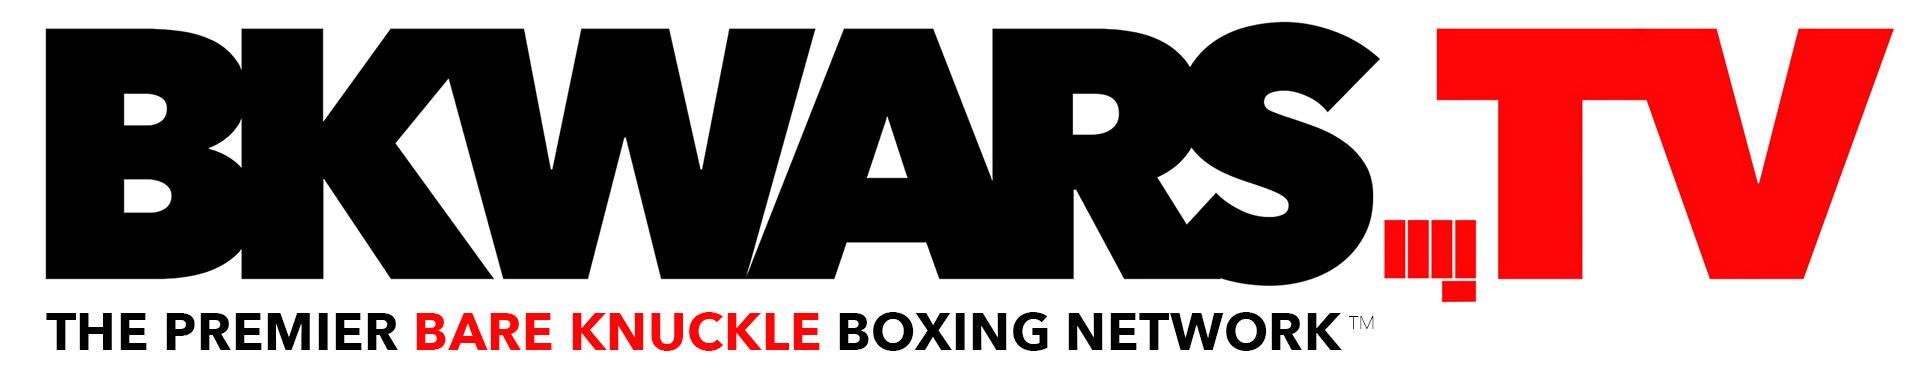 BK Wars logo